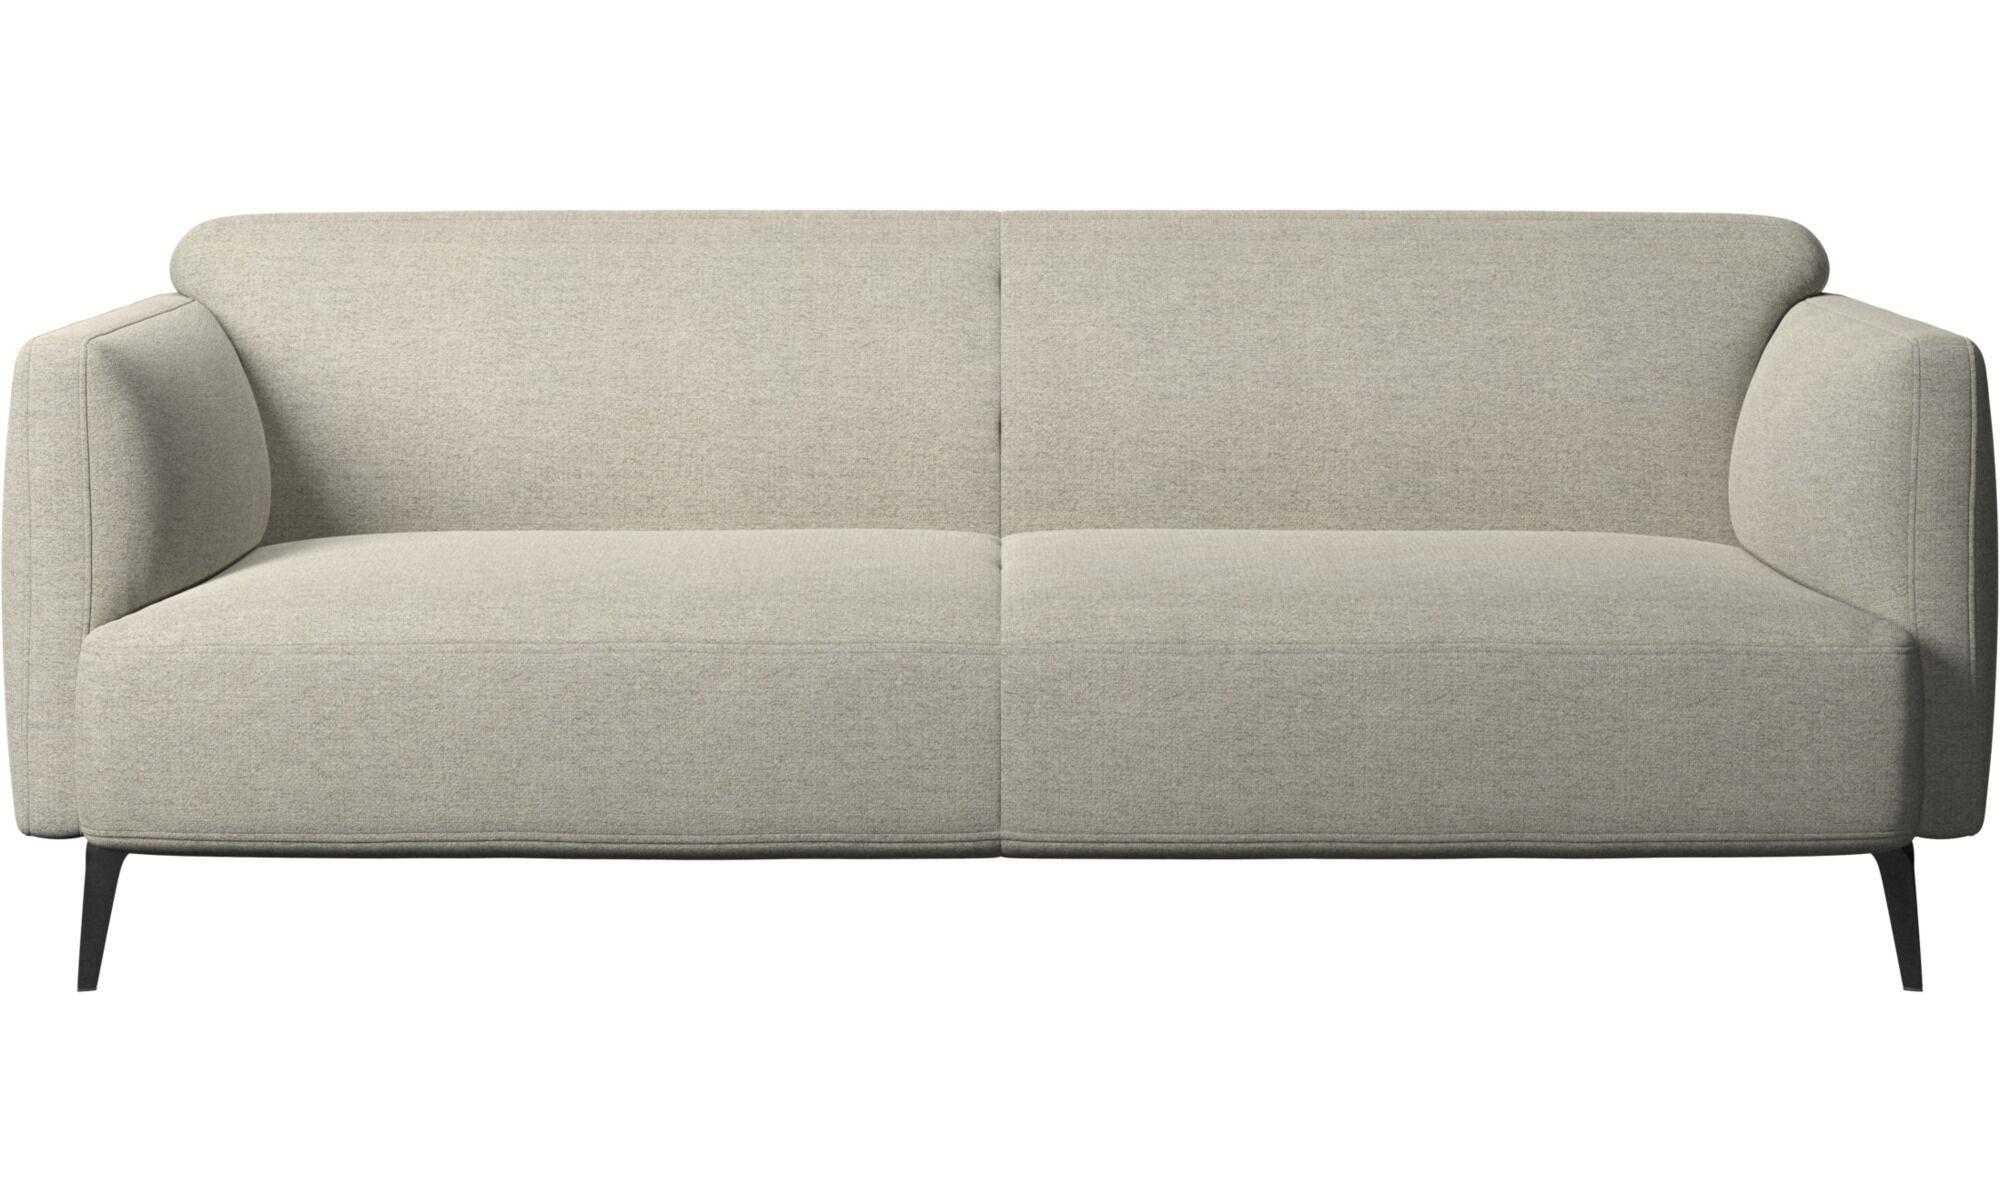 MODENA sofá Modena 2,5 plazas con reposabrazos